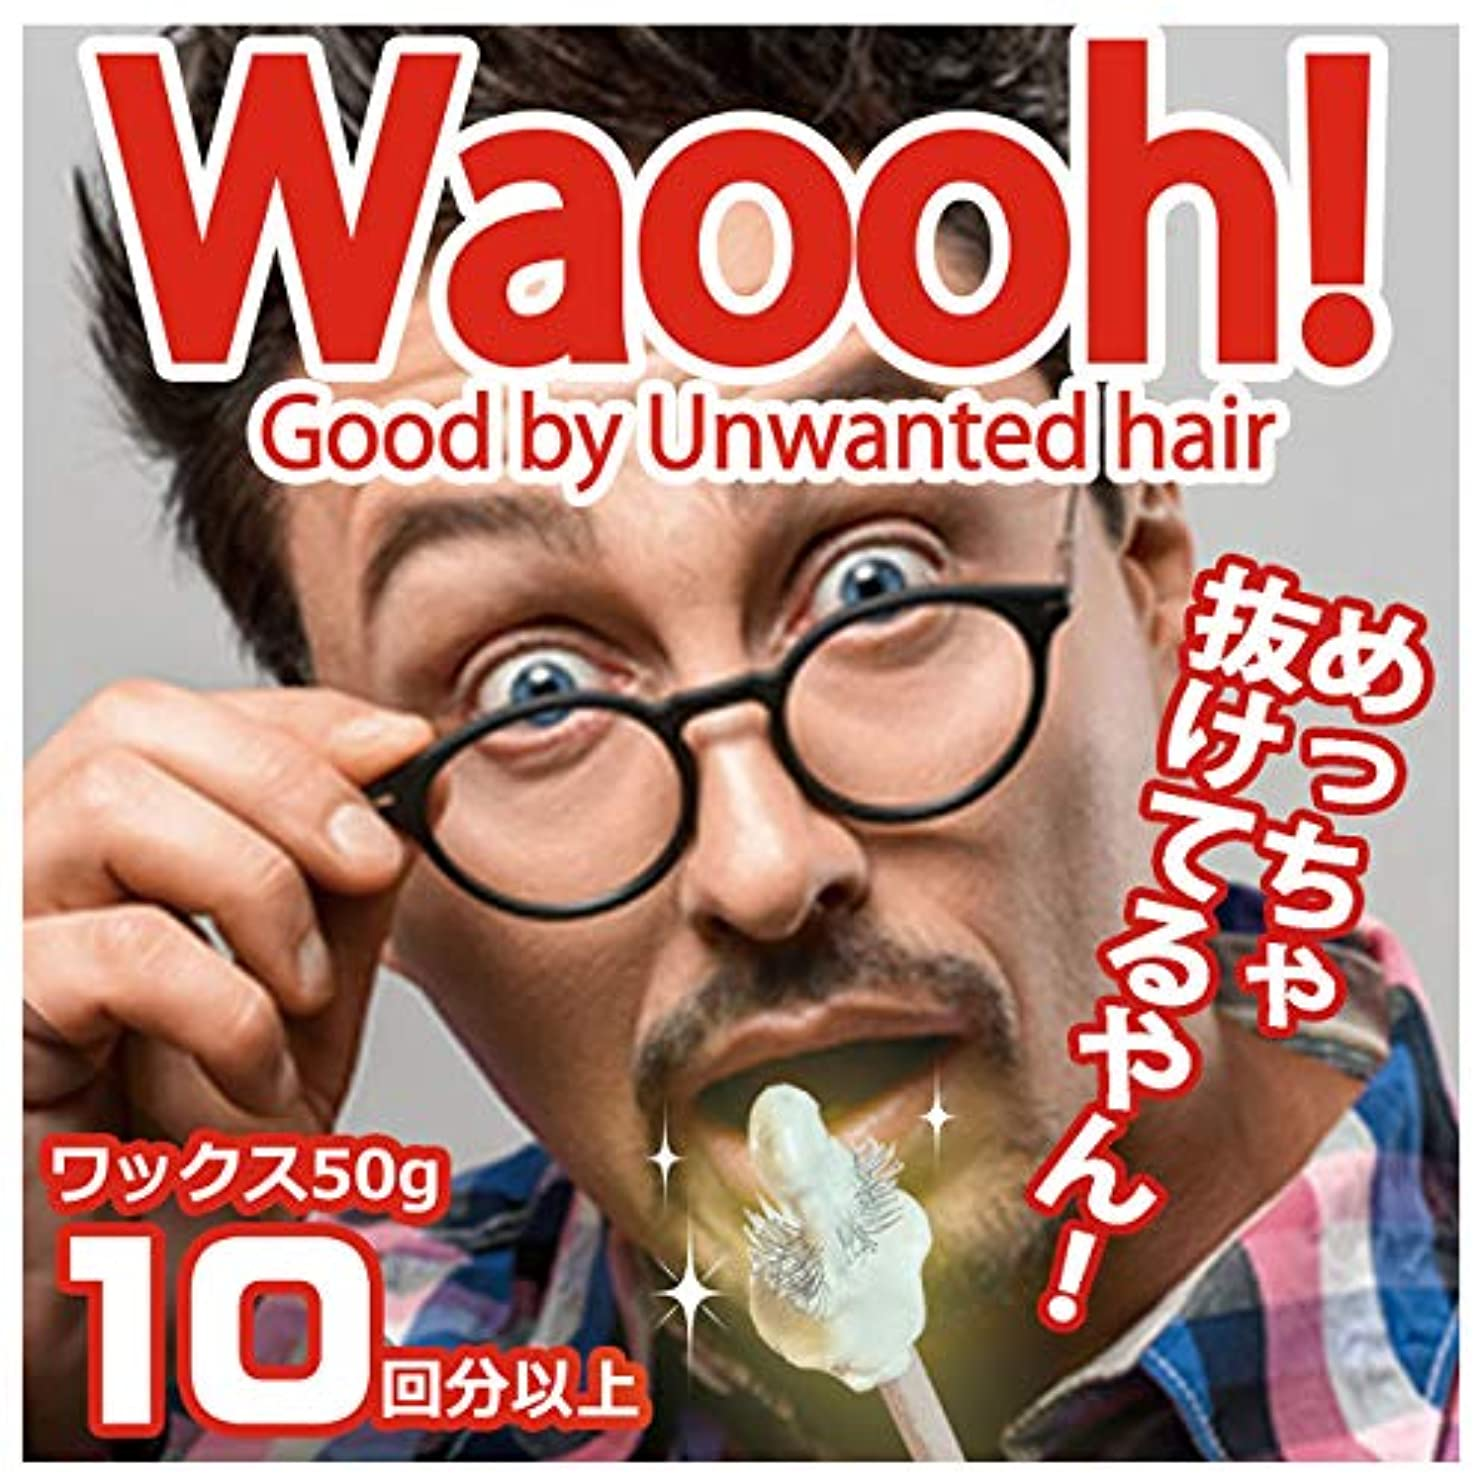 好戦的な法的どきどき[Waooh]鼻毛 脱毛 ノーズワックス 鼻 ブラジリアン ワックス キット 男女兼用 (50g 10回分)